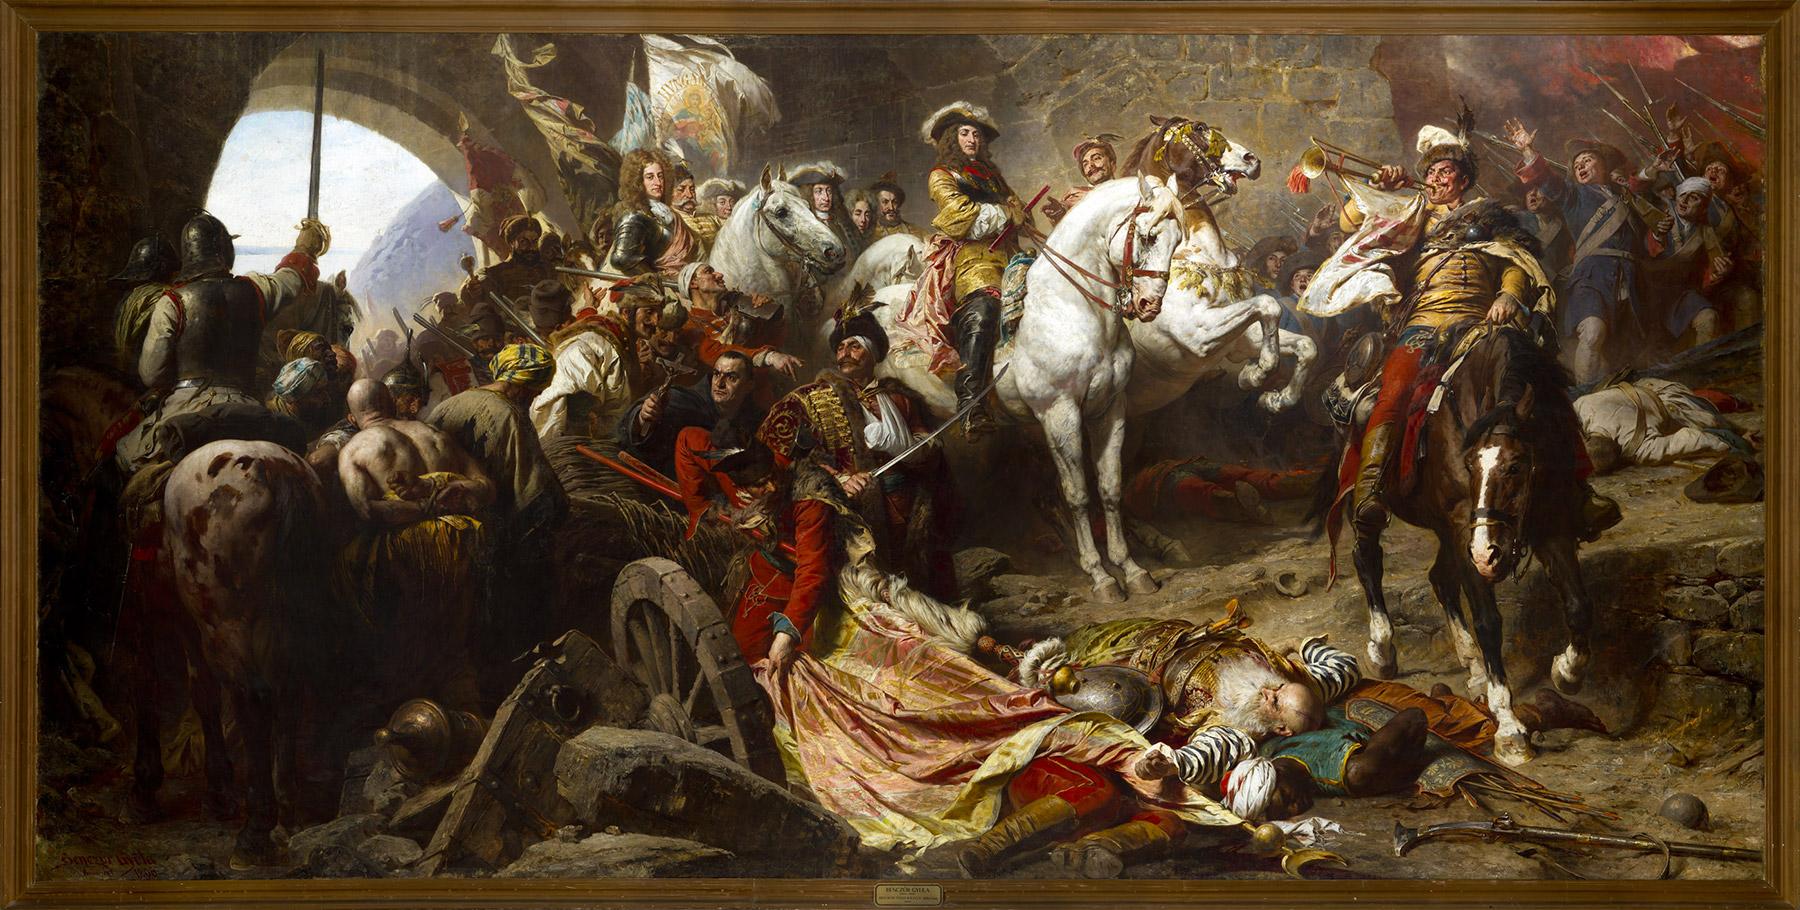 Reprise du château de Buda en 1686, par Charles V duc de Lorraine (à cheval à gauche) et Eugène prince de Savoie (à cheval à droite). Huile sur toile de Benczúr Gyula (1896) exposée à la galerie nationale hongroise, Budapest. Crédits : Creative Commons.